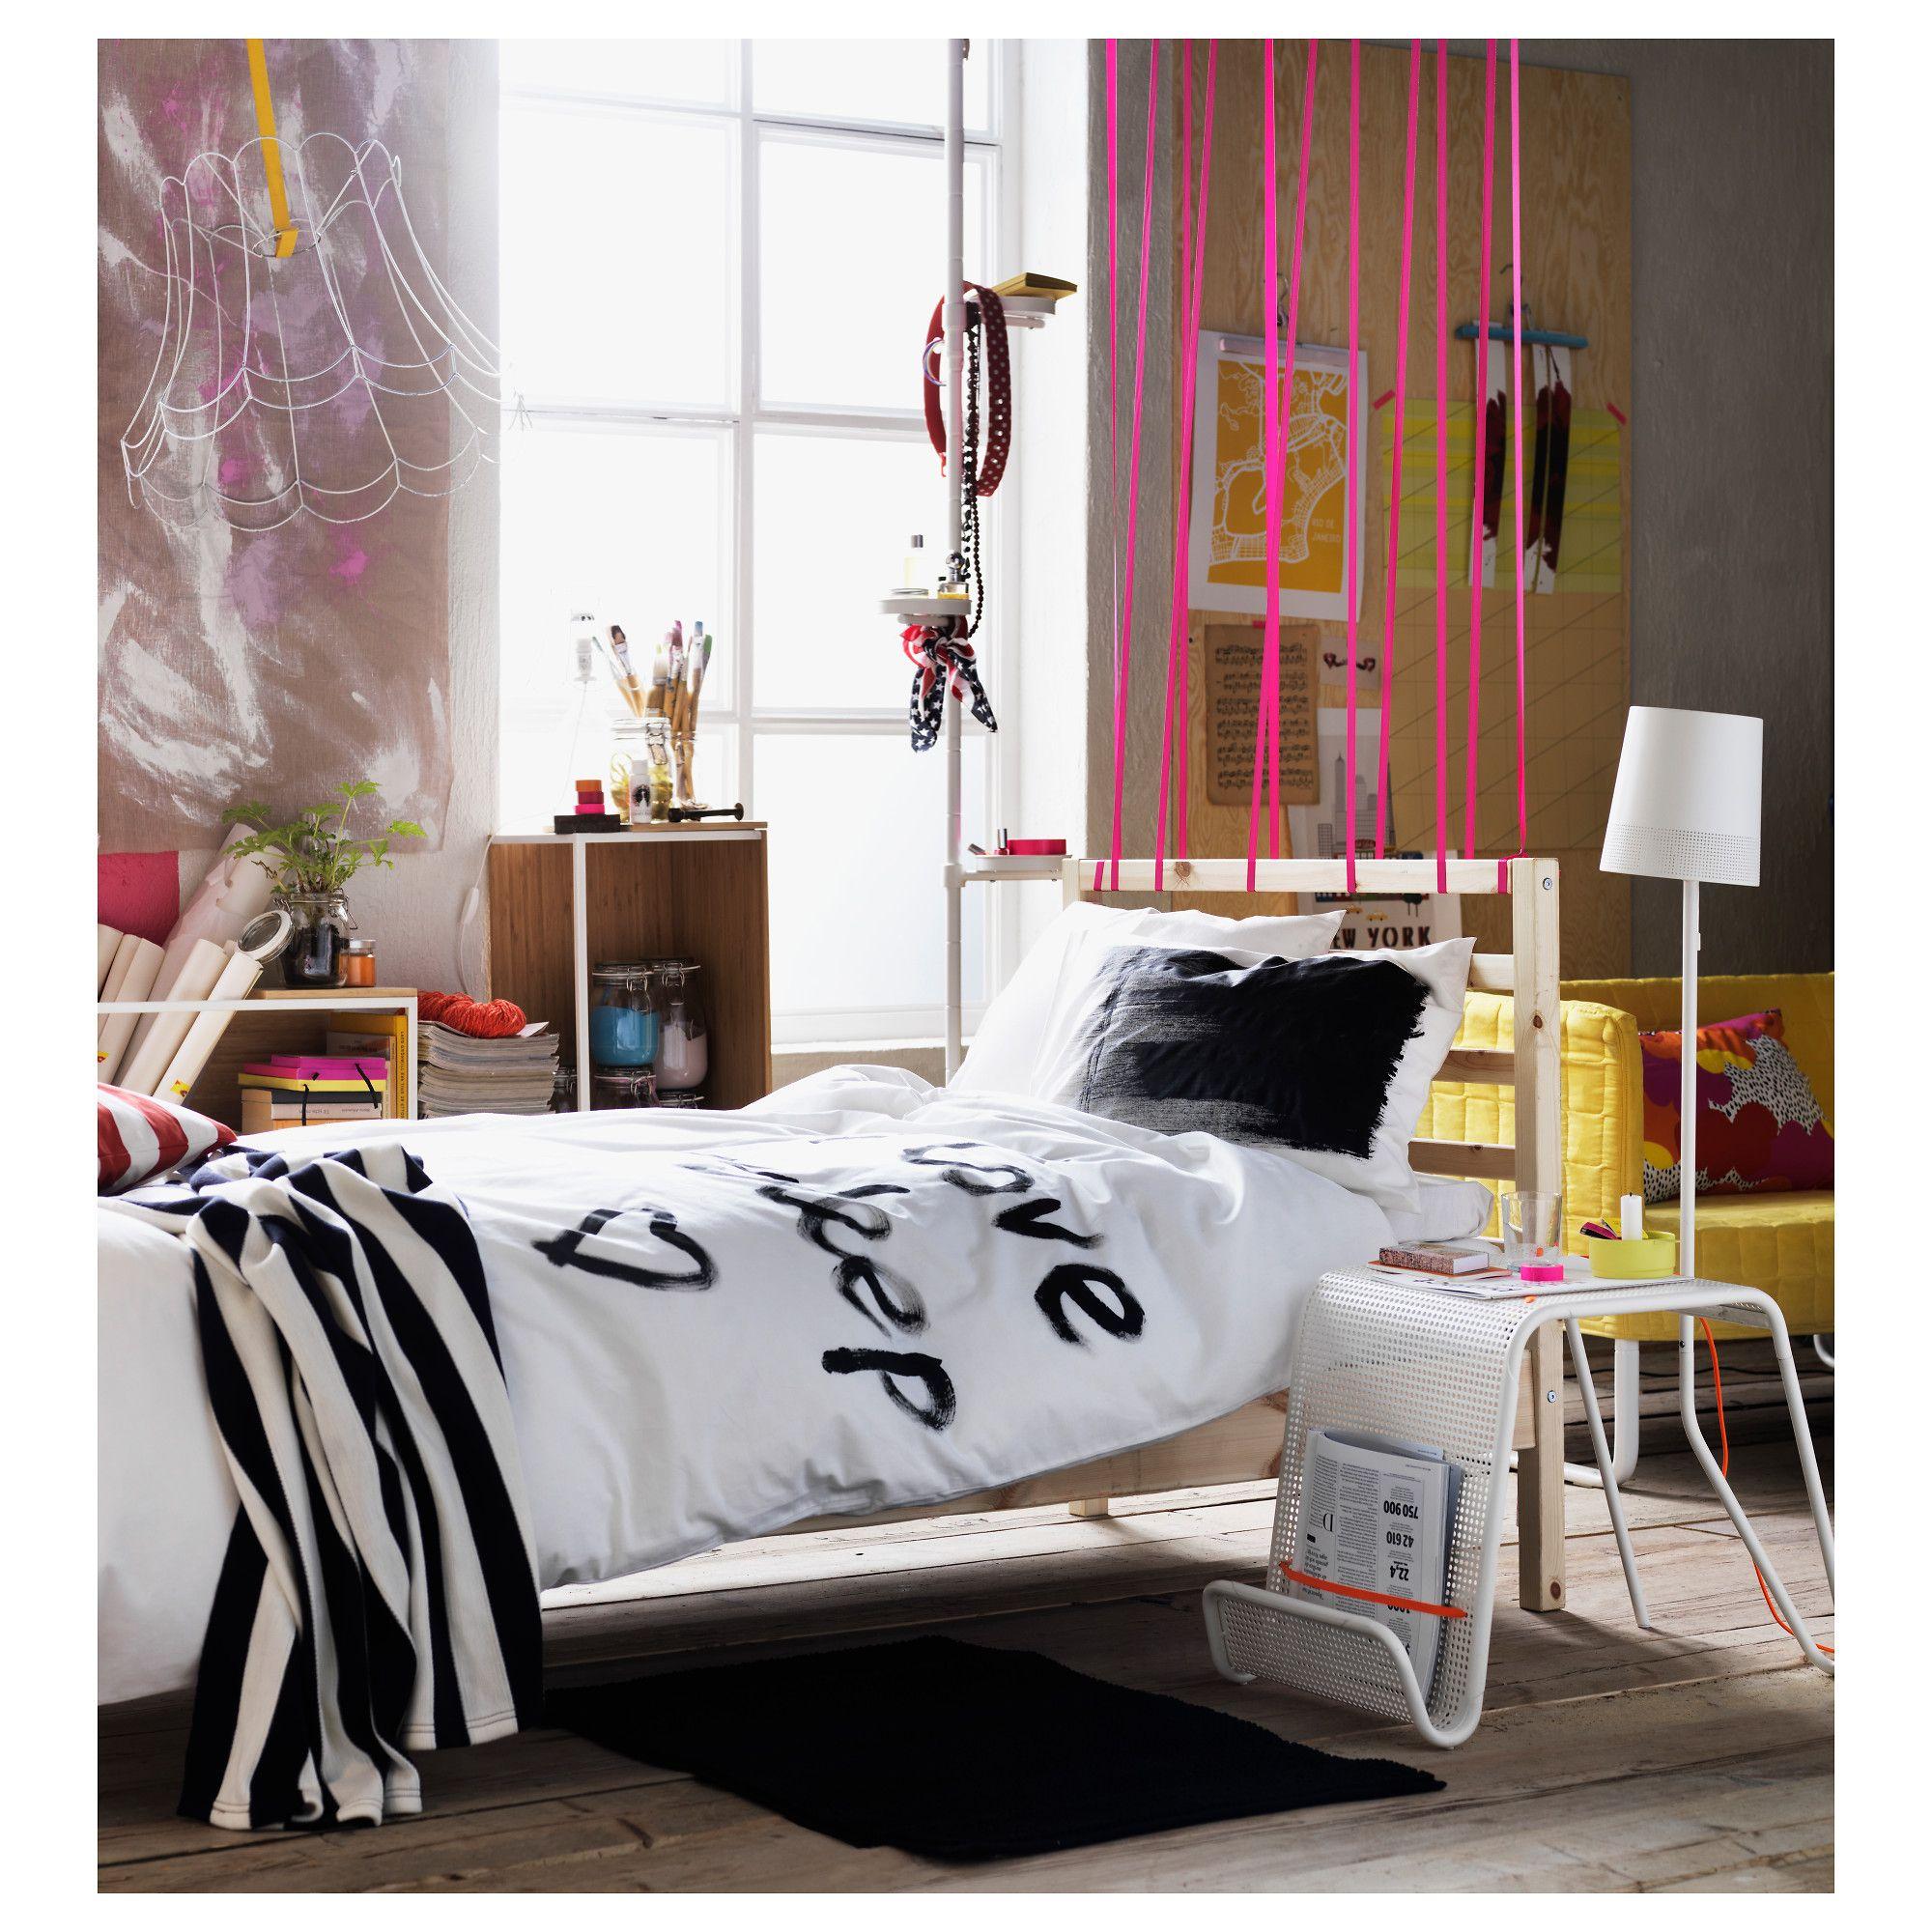 Ikea Design Bedroom Unique Tarva Rama Łóżka Sosna Leirsund Design Ideas